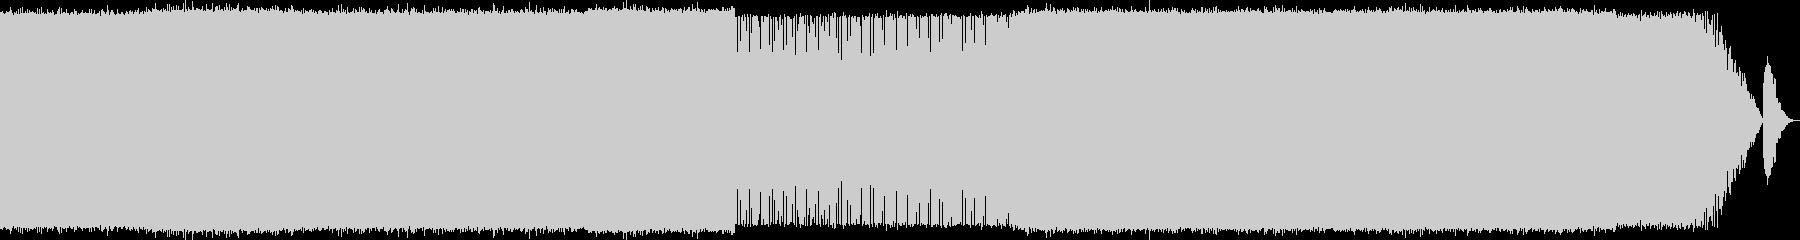 スピード感のあるEDMの未再生の波形